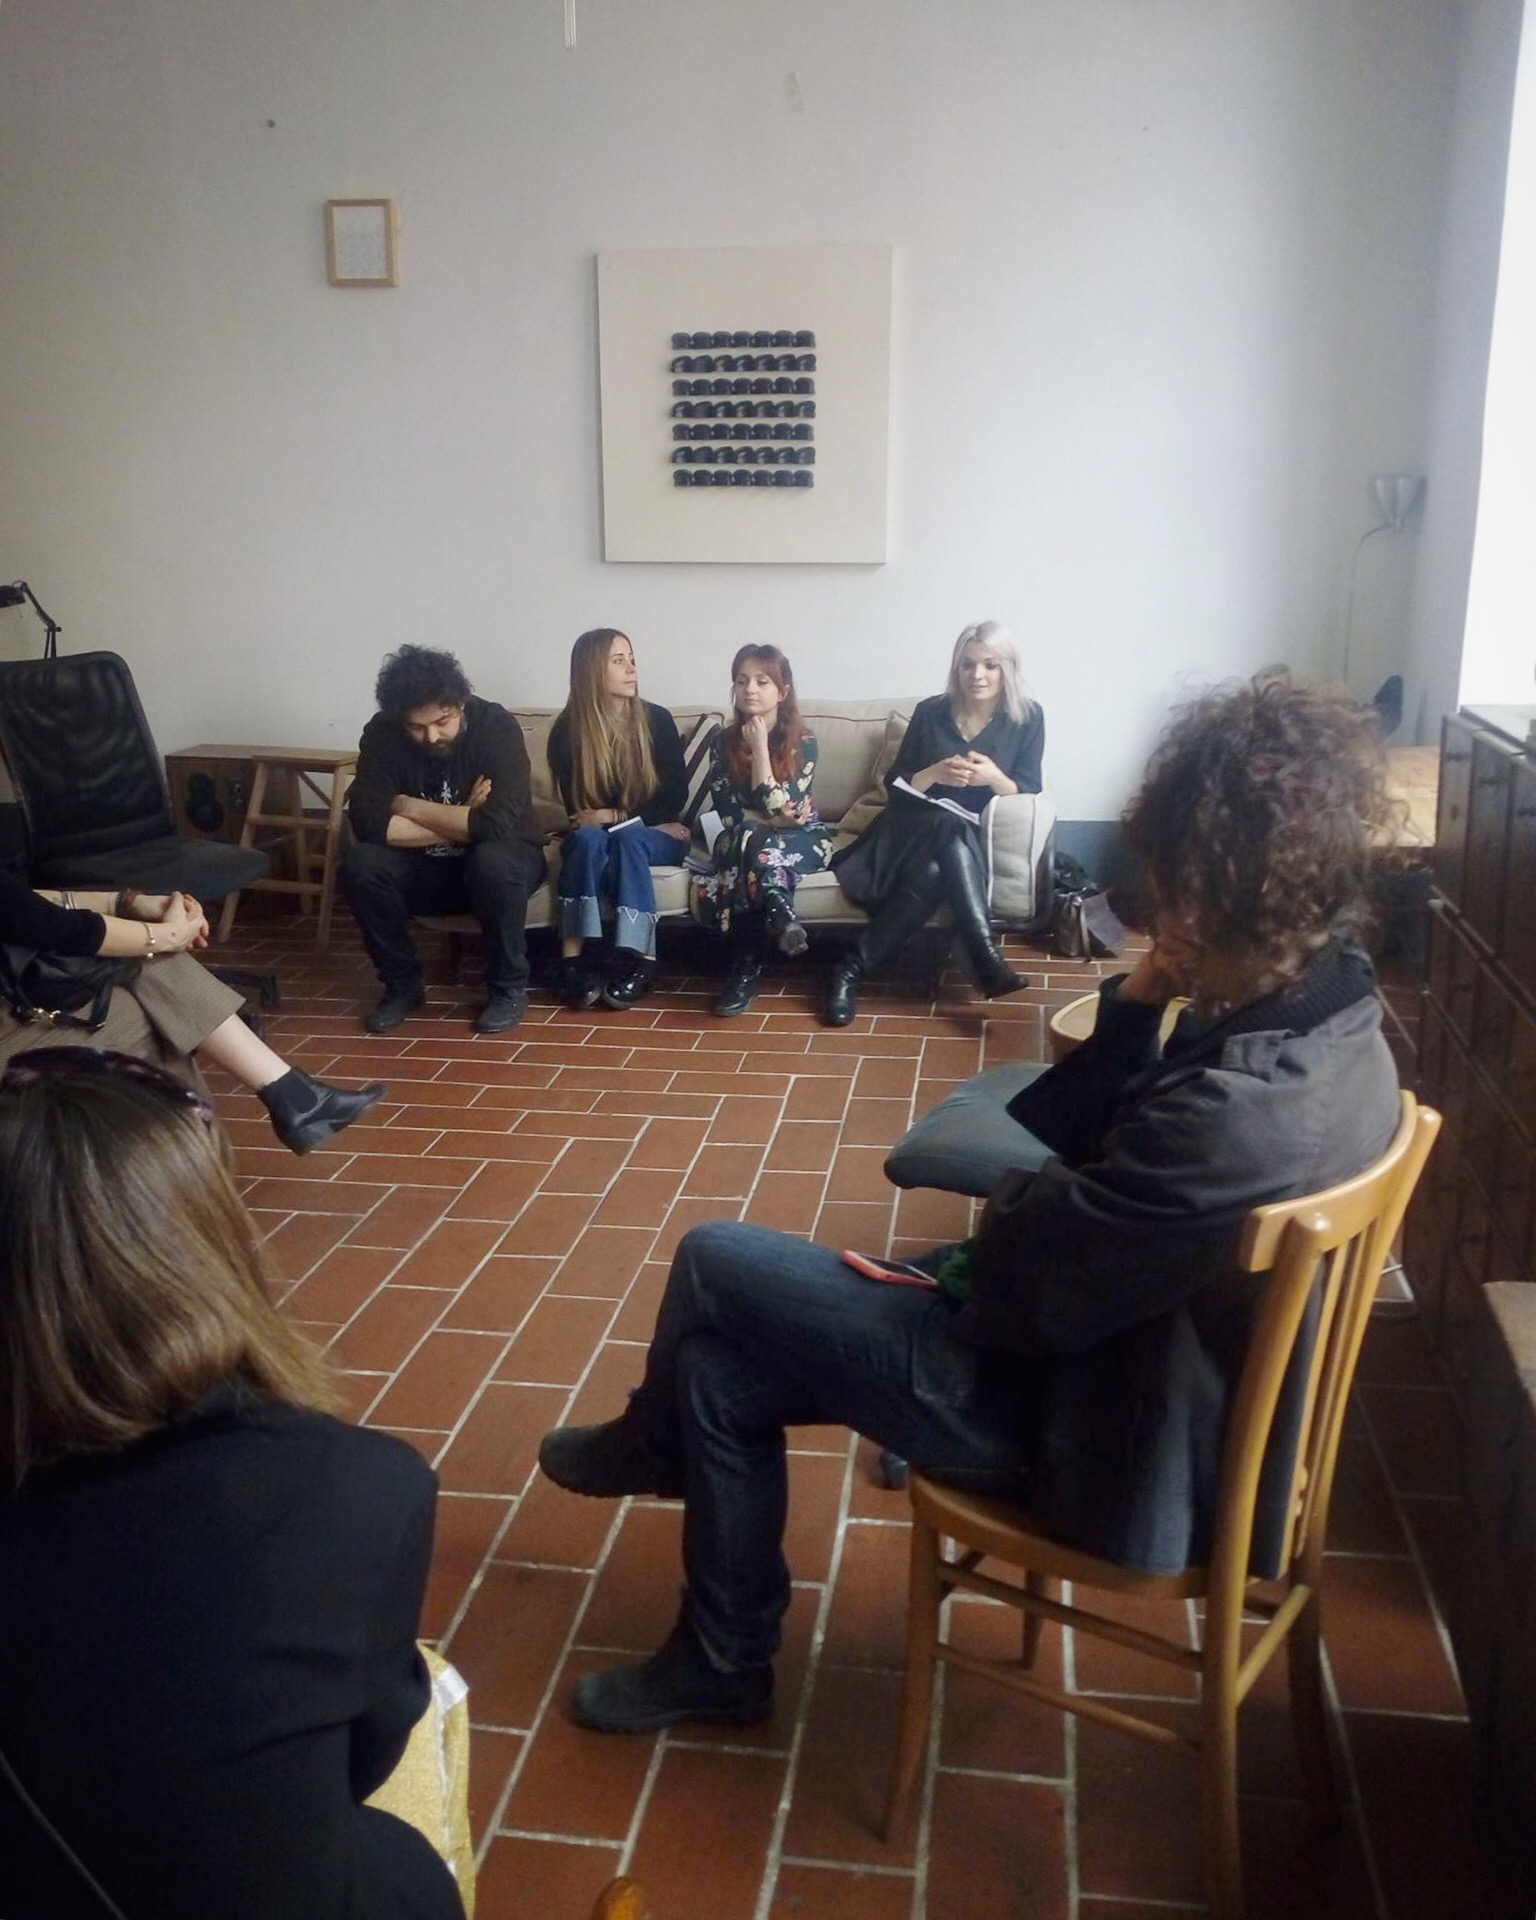 Presentazione Carte_Fondazione Pastificio Cerere_Francesco Ciavaglioli_2